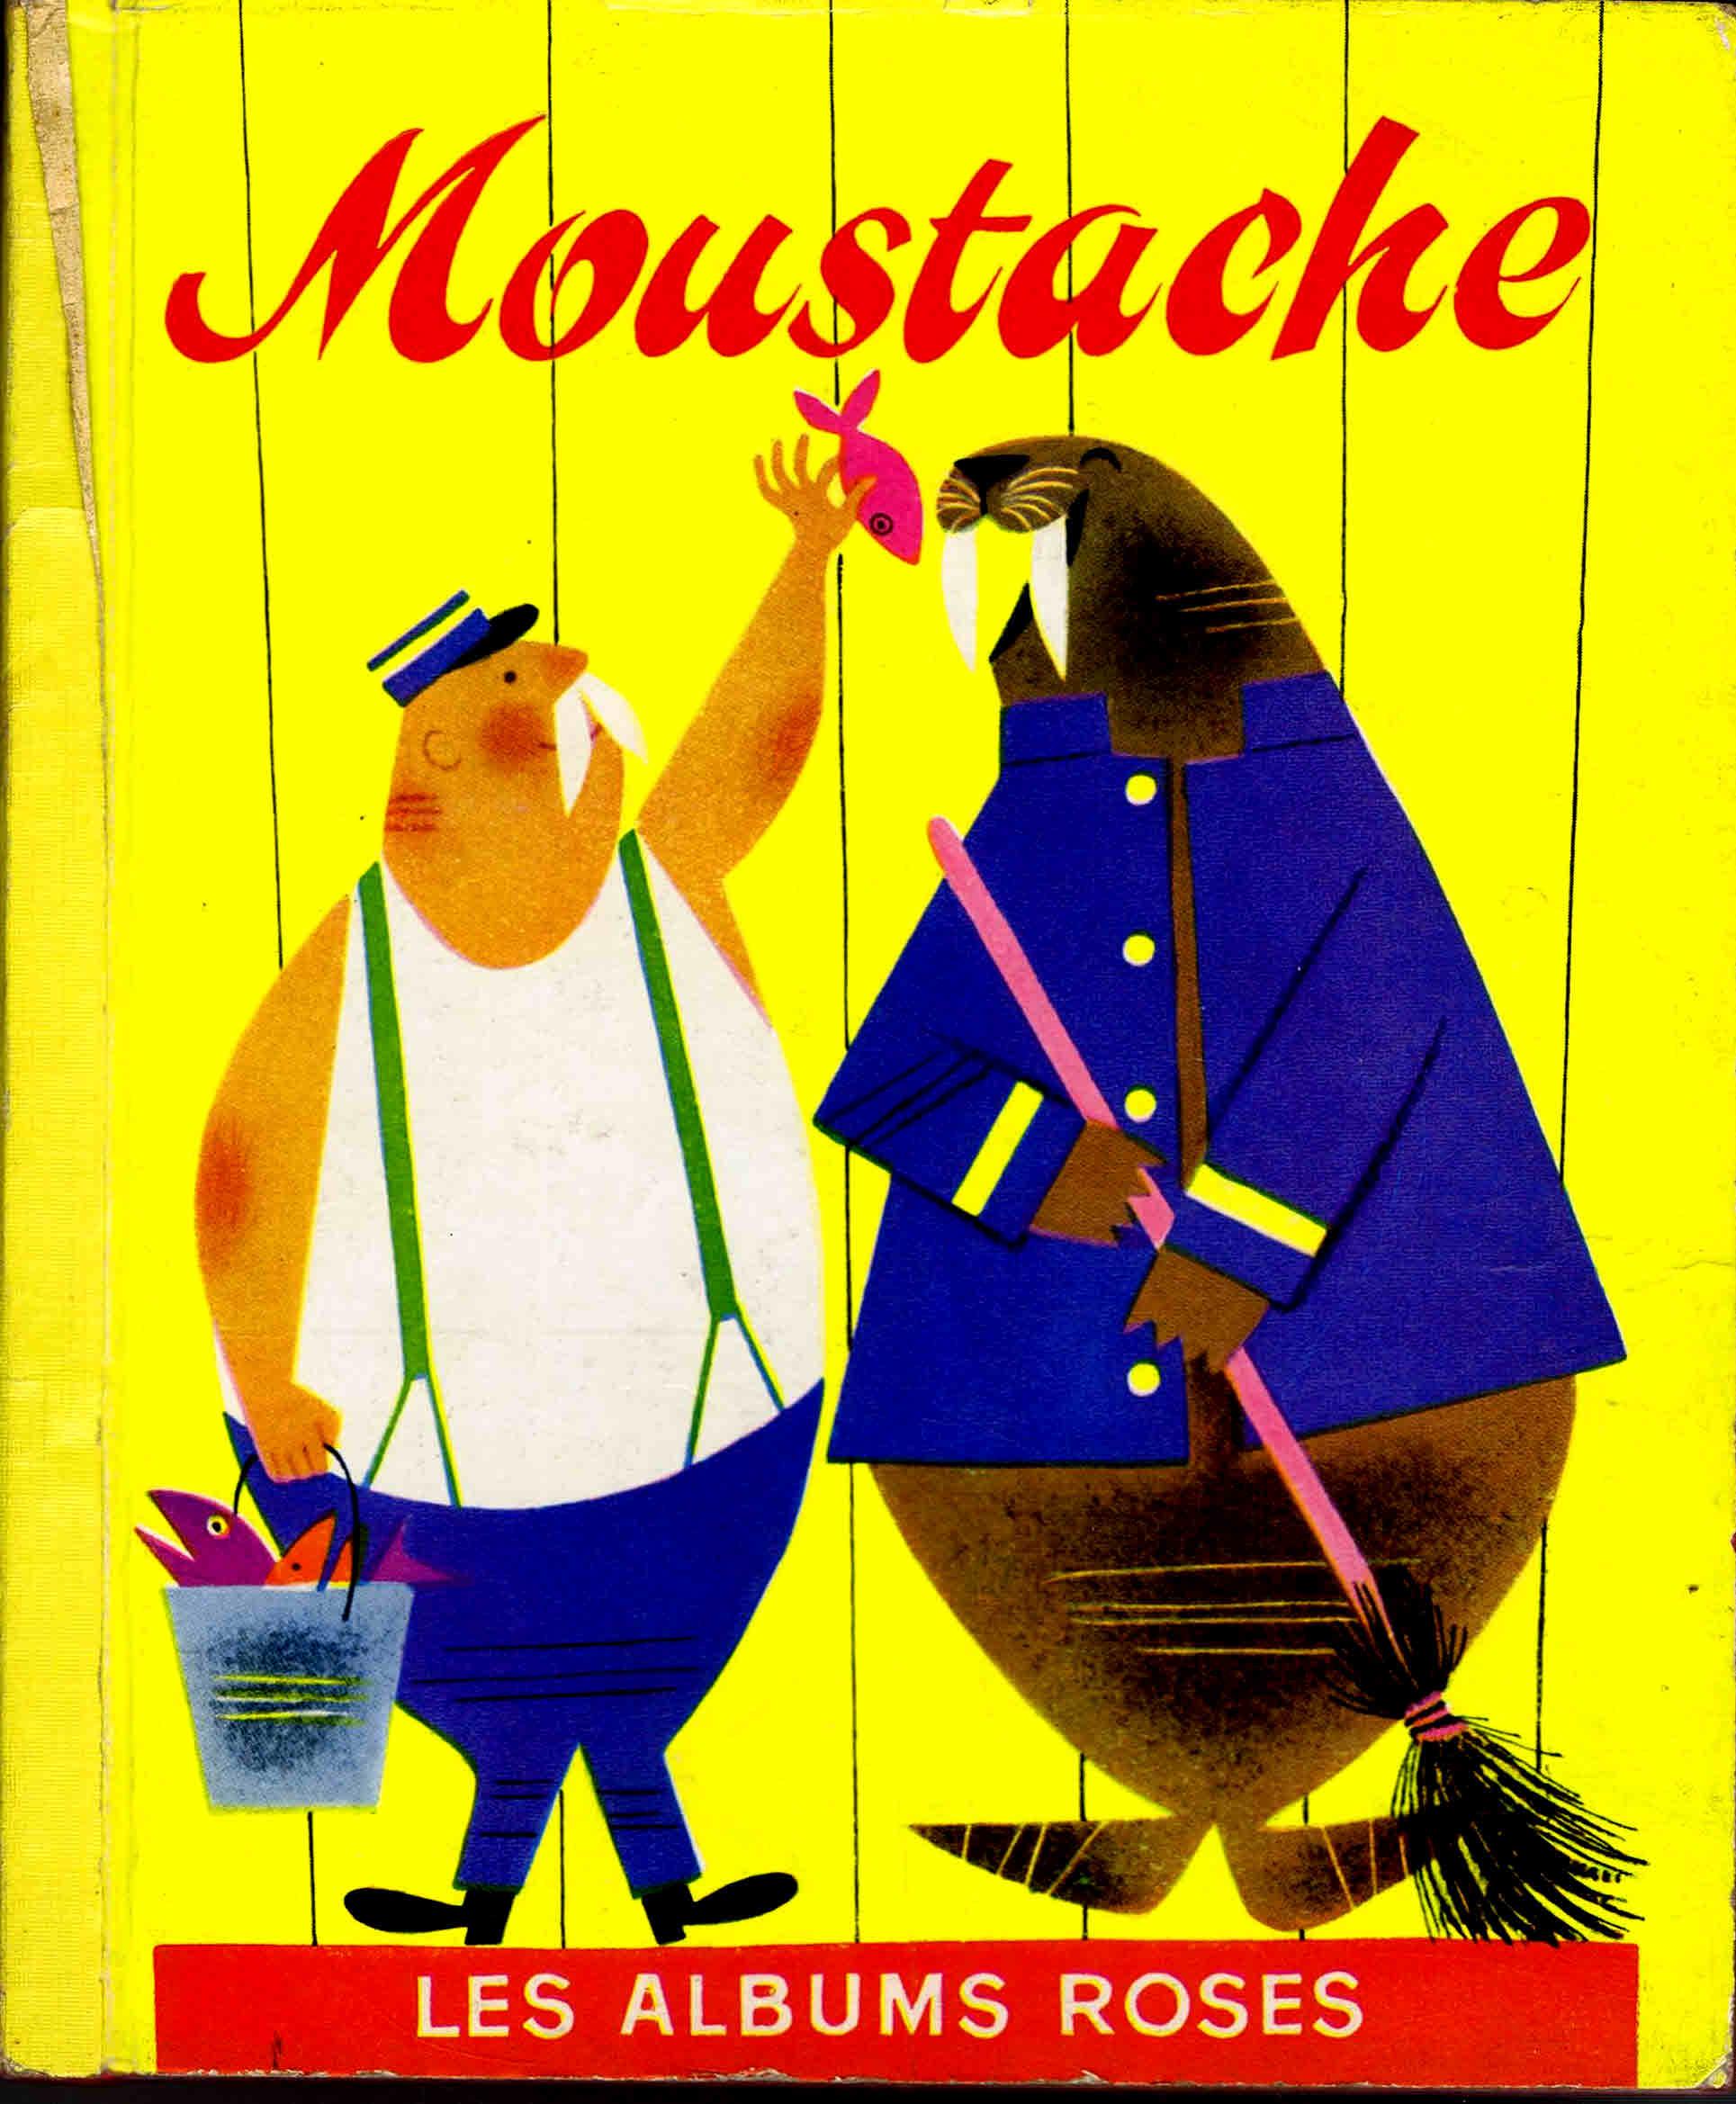 Librairie Hachette – Les Albuns Roses – Moustache